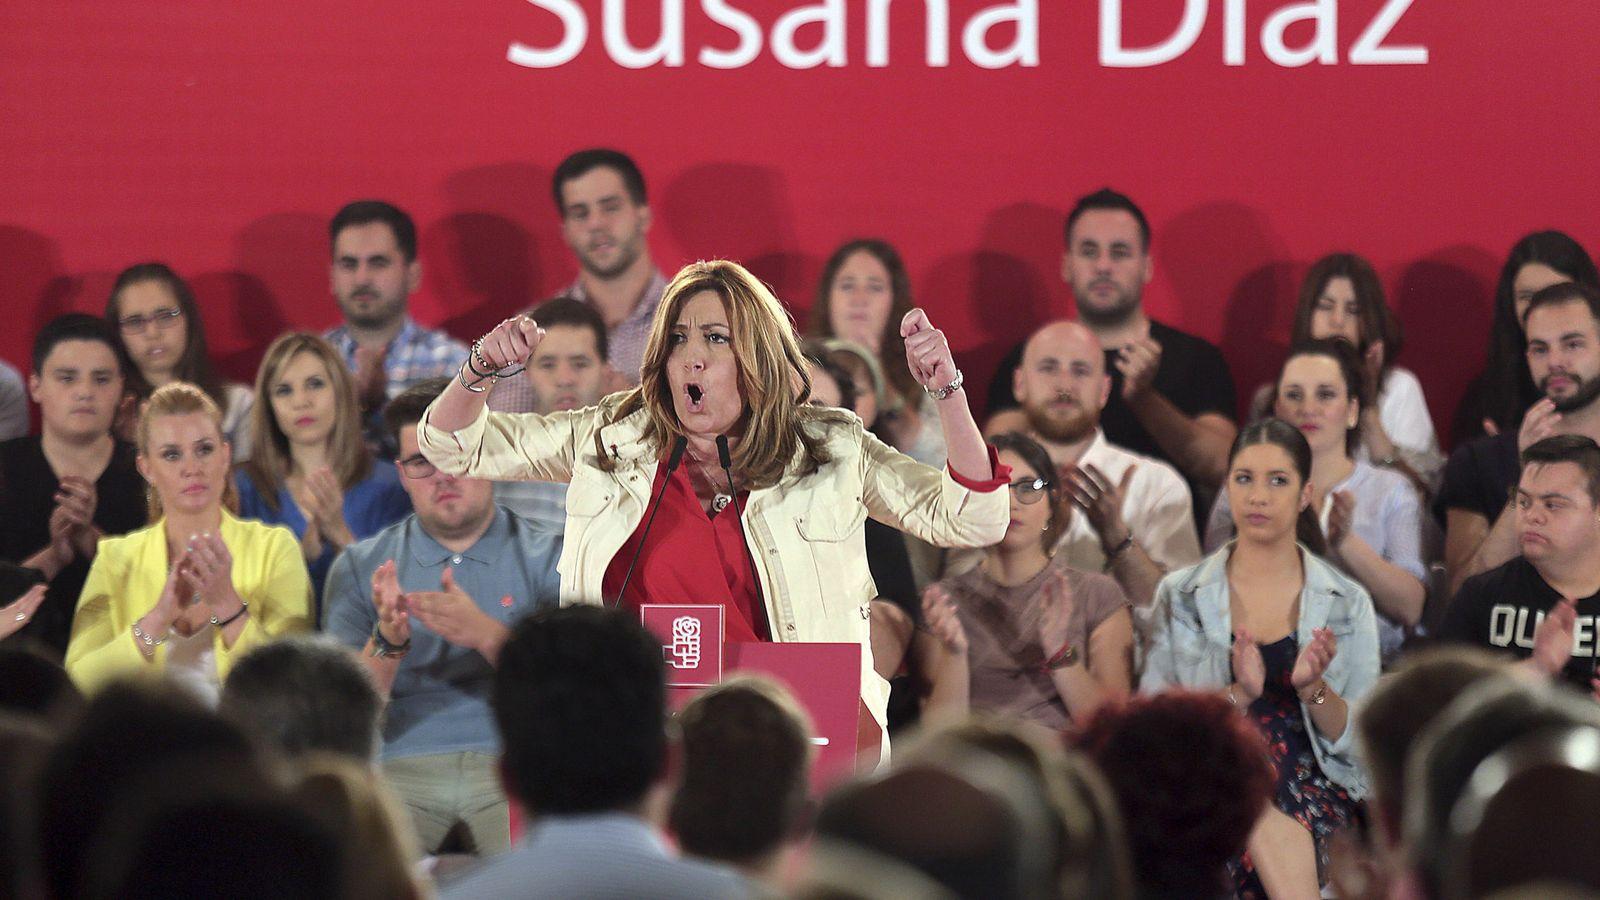 Foto: La presidenta de la Junta de Andalucía y candidata a la secretaría general del PSOE, Susana Díaz. (EFE)